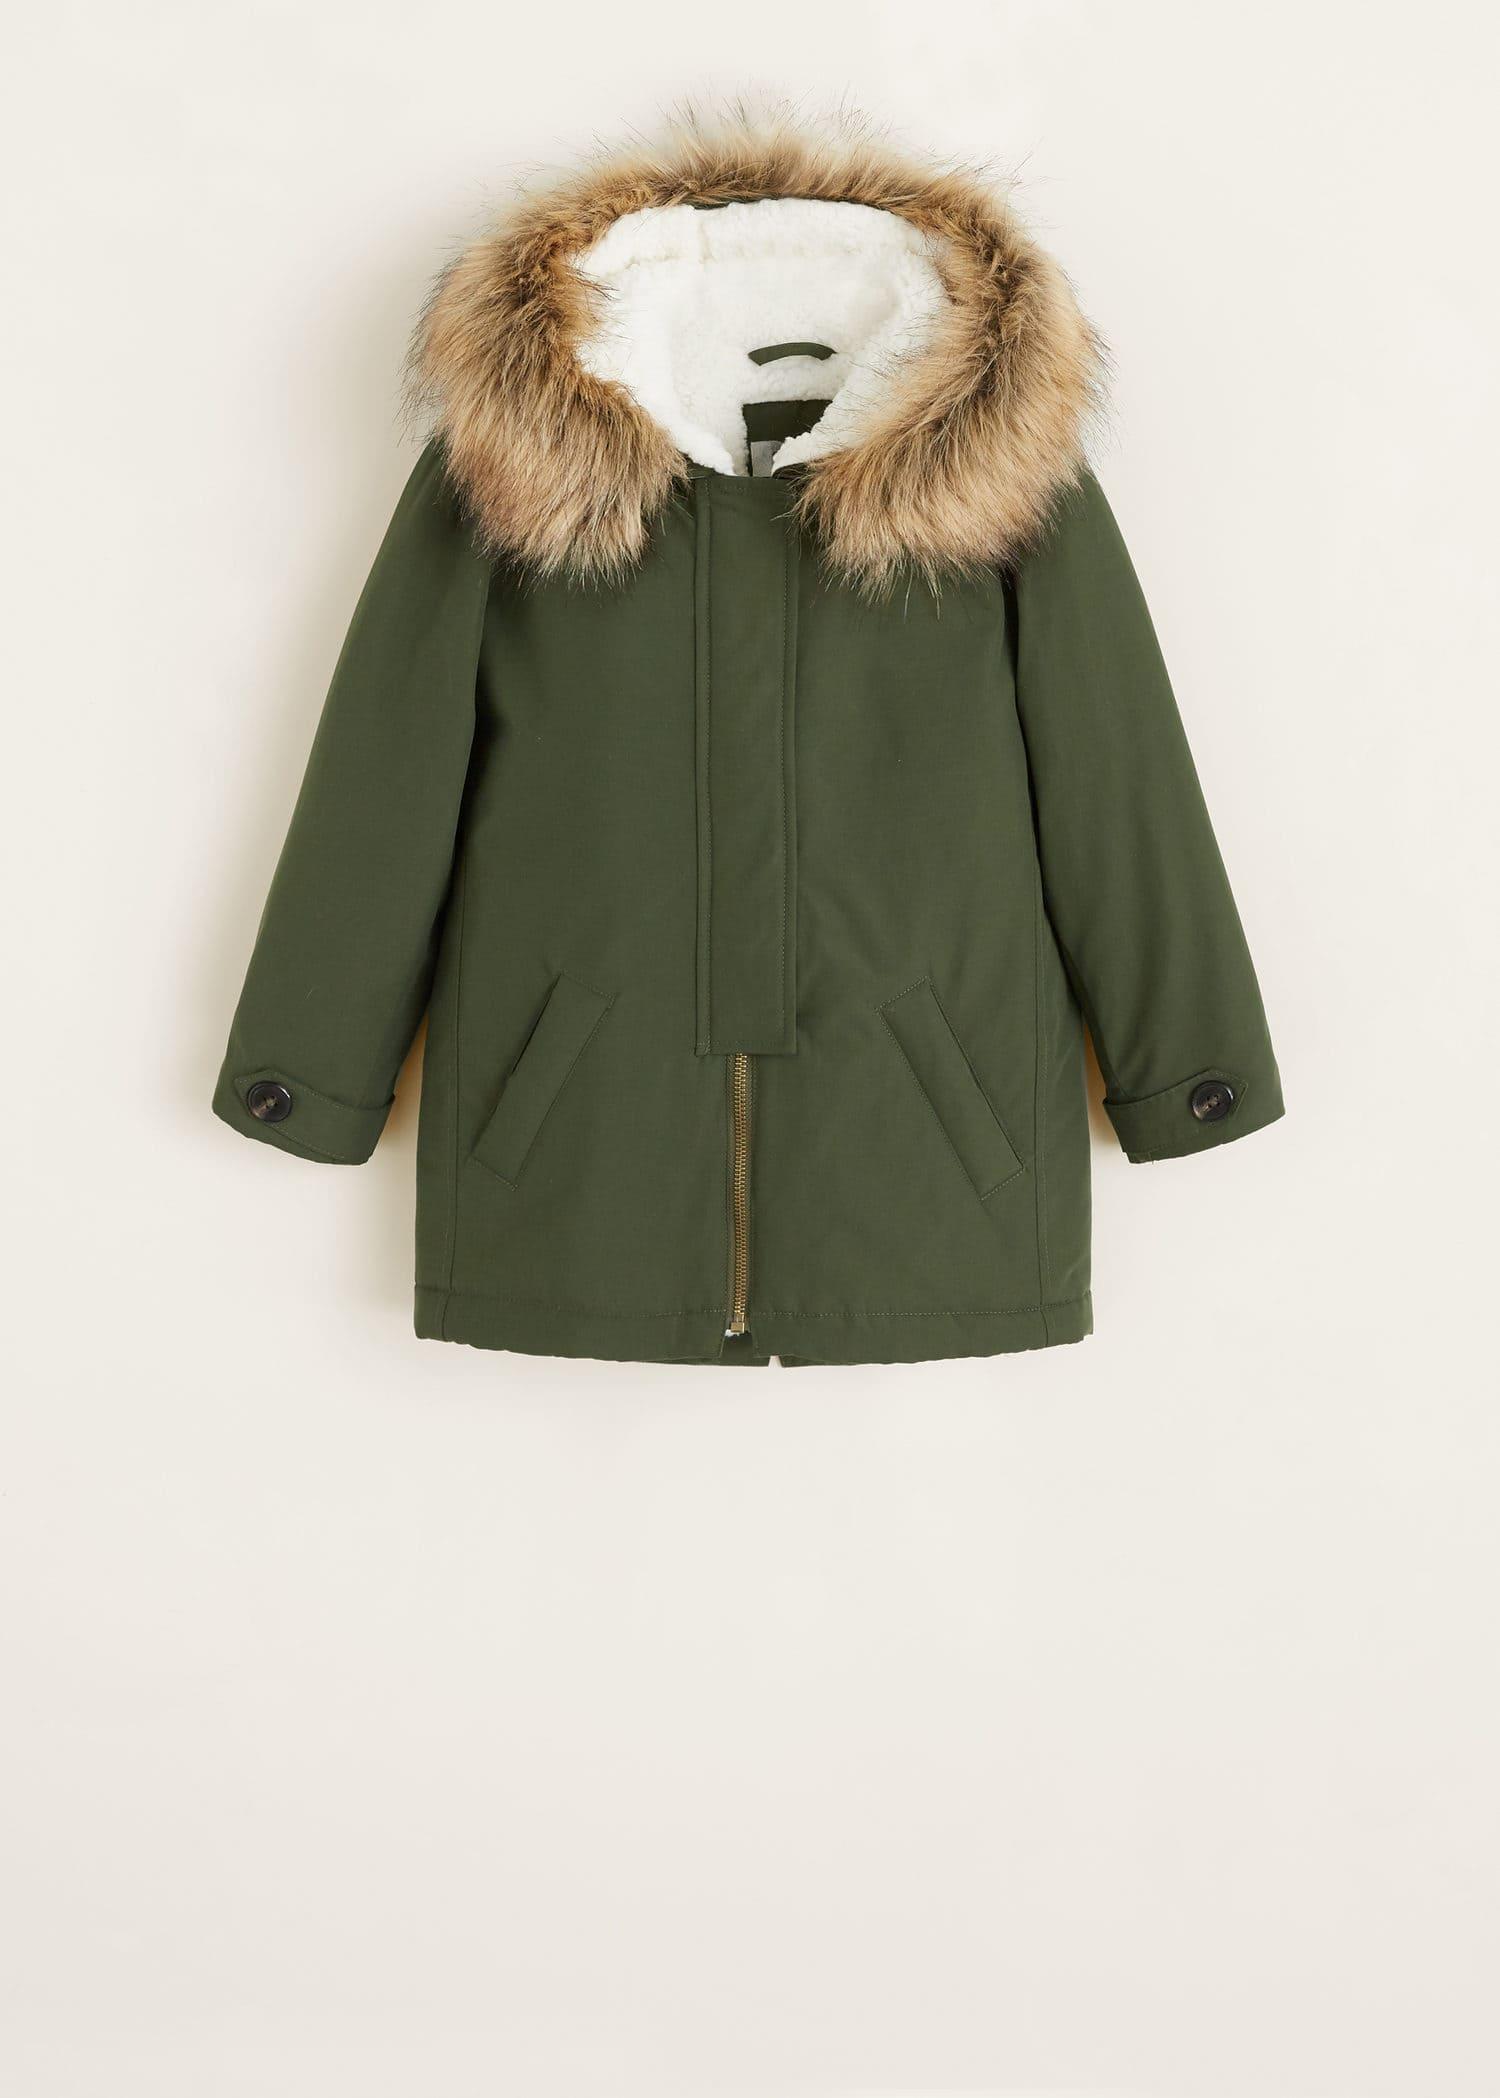 Abrigos verdes con capucha